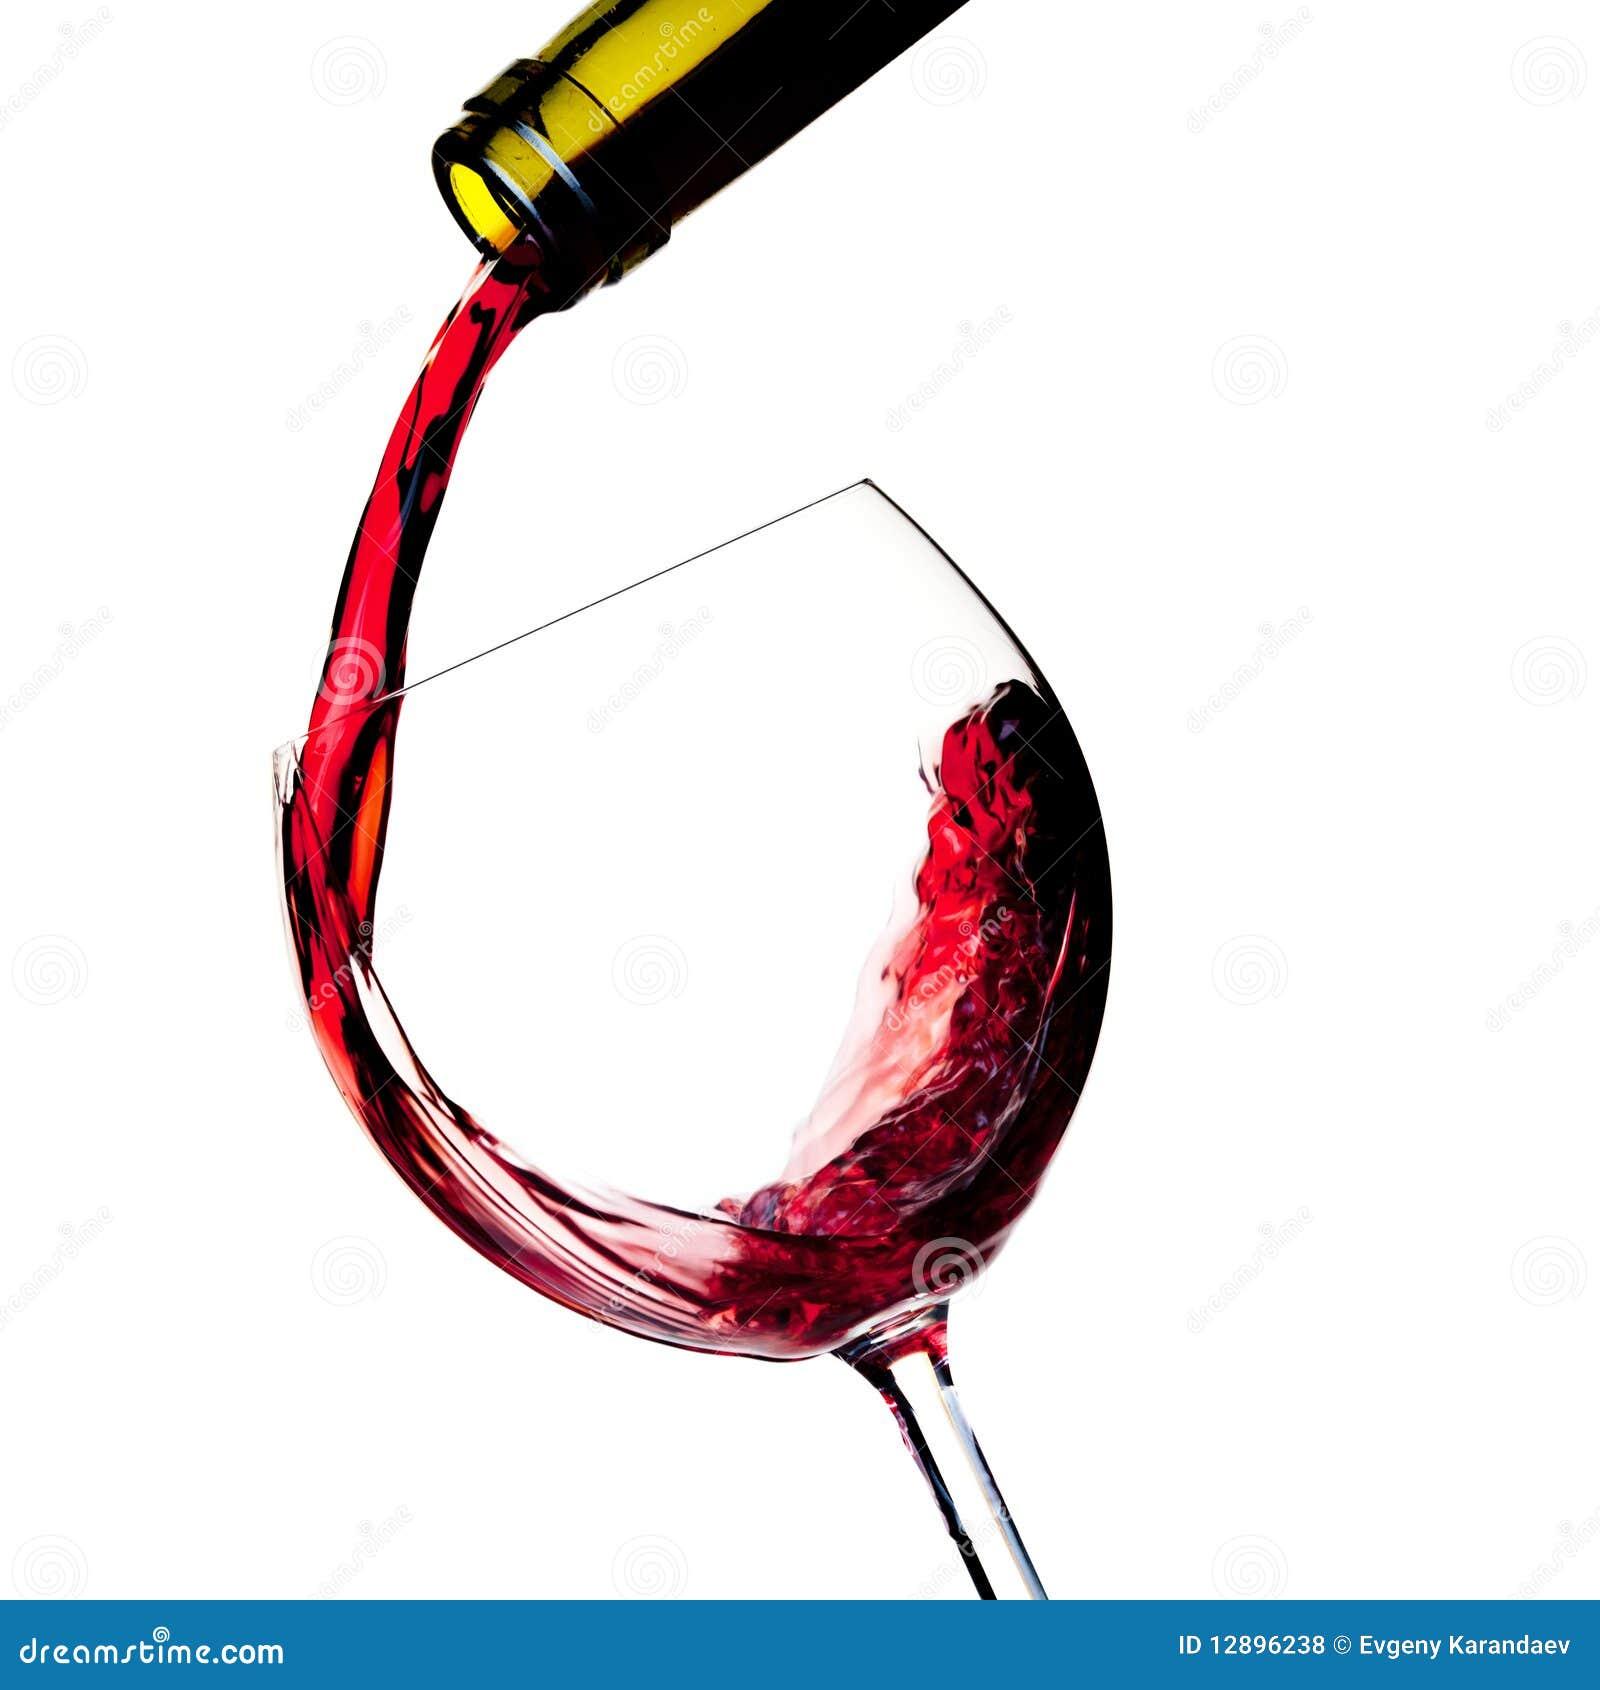 Rotwein wird in ein Glas gegossen